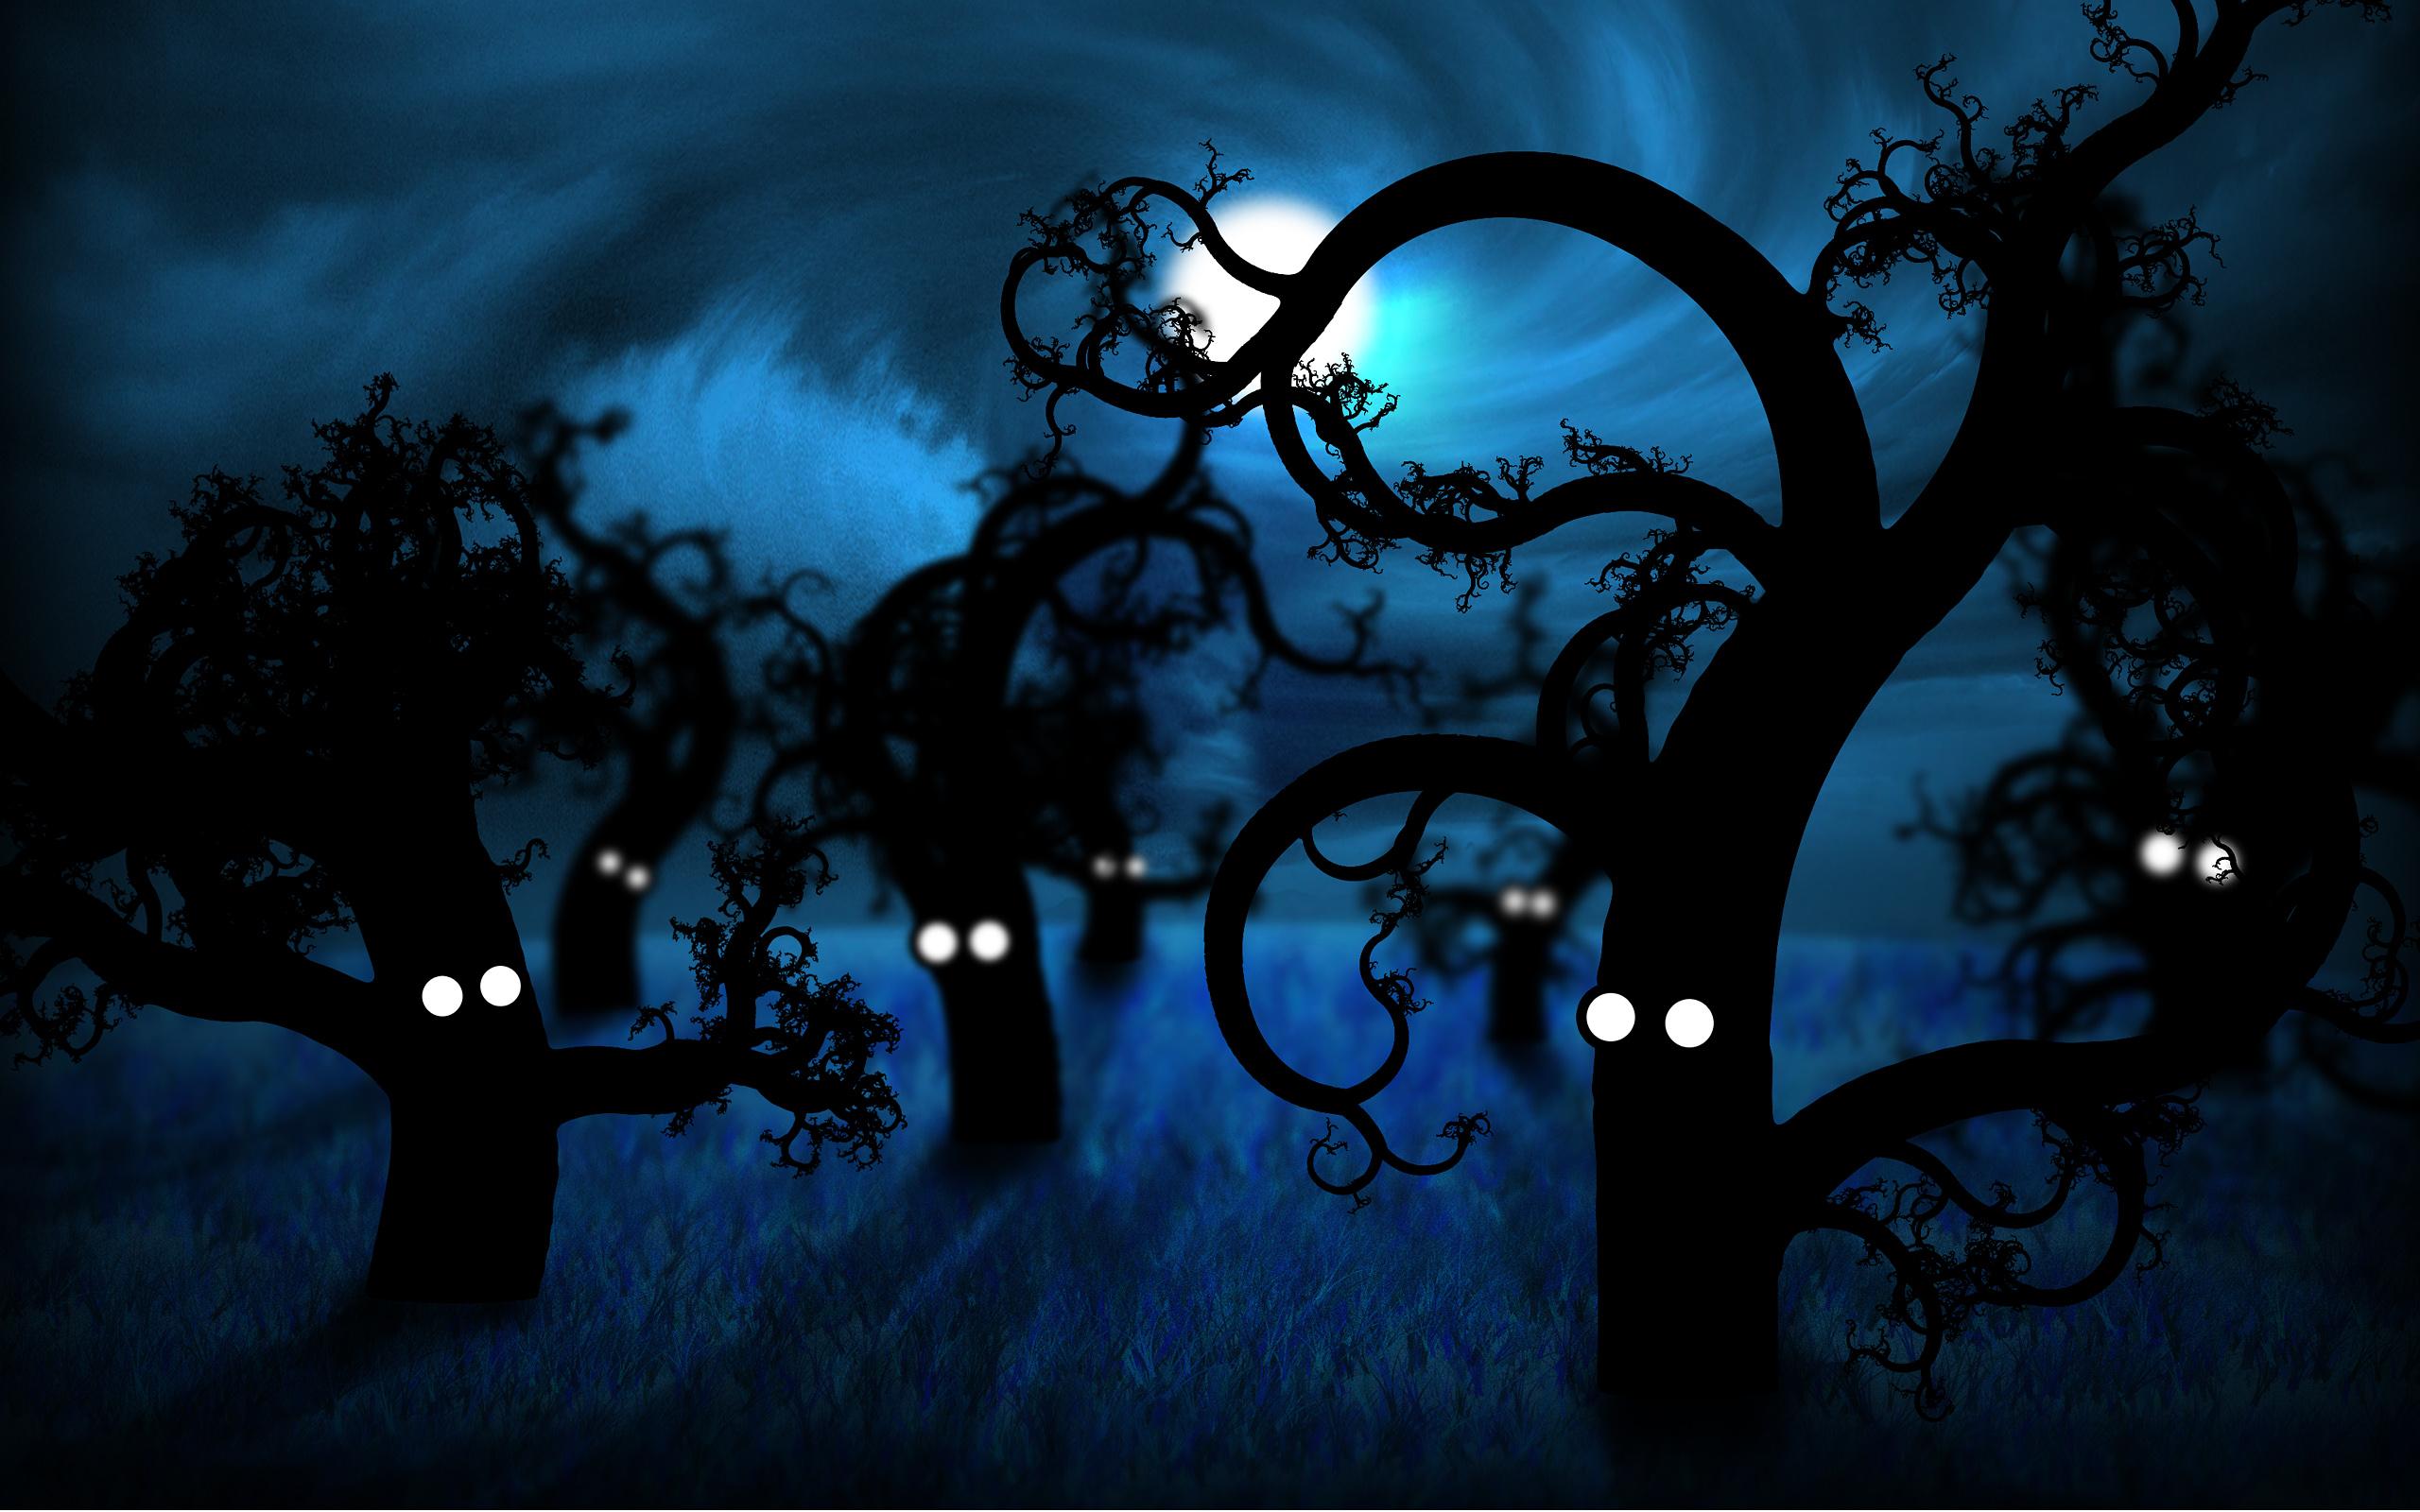 Как сделать красивыеграфии ночью